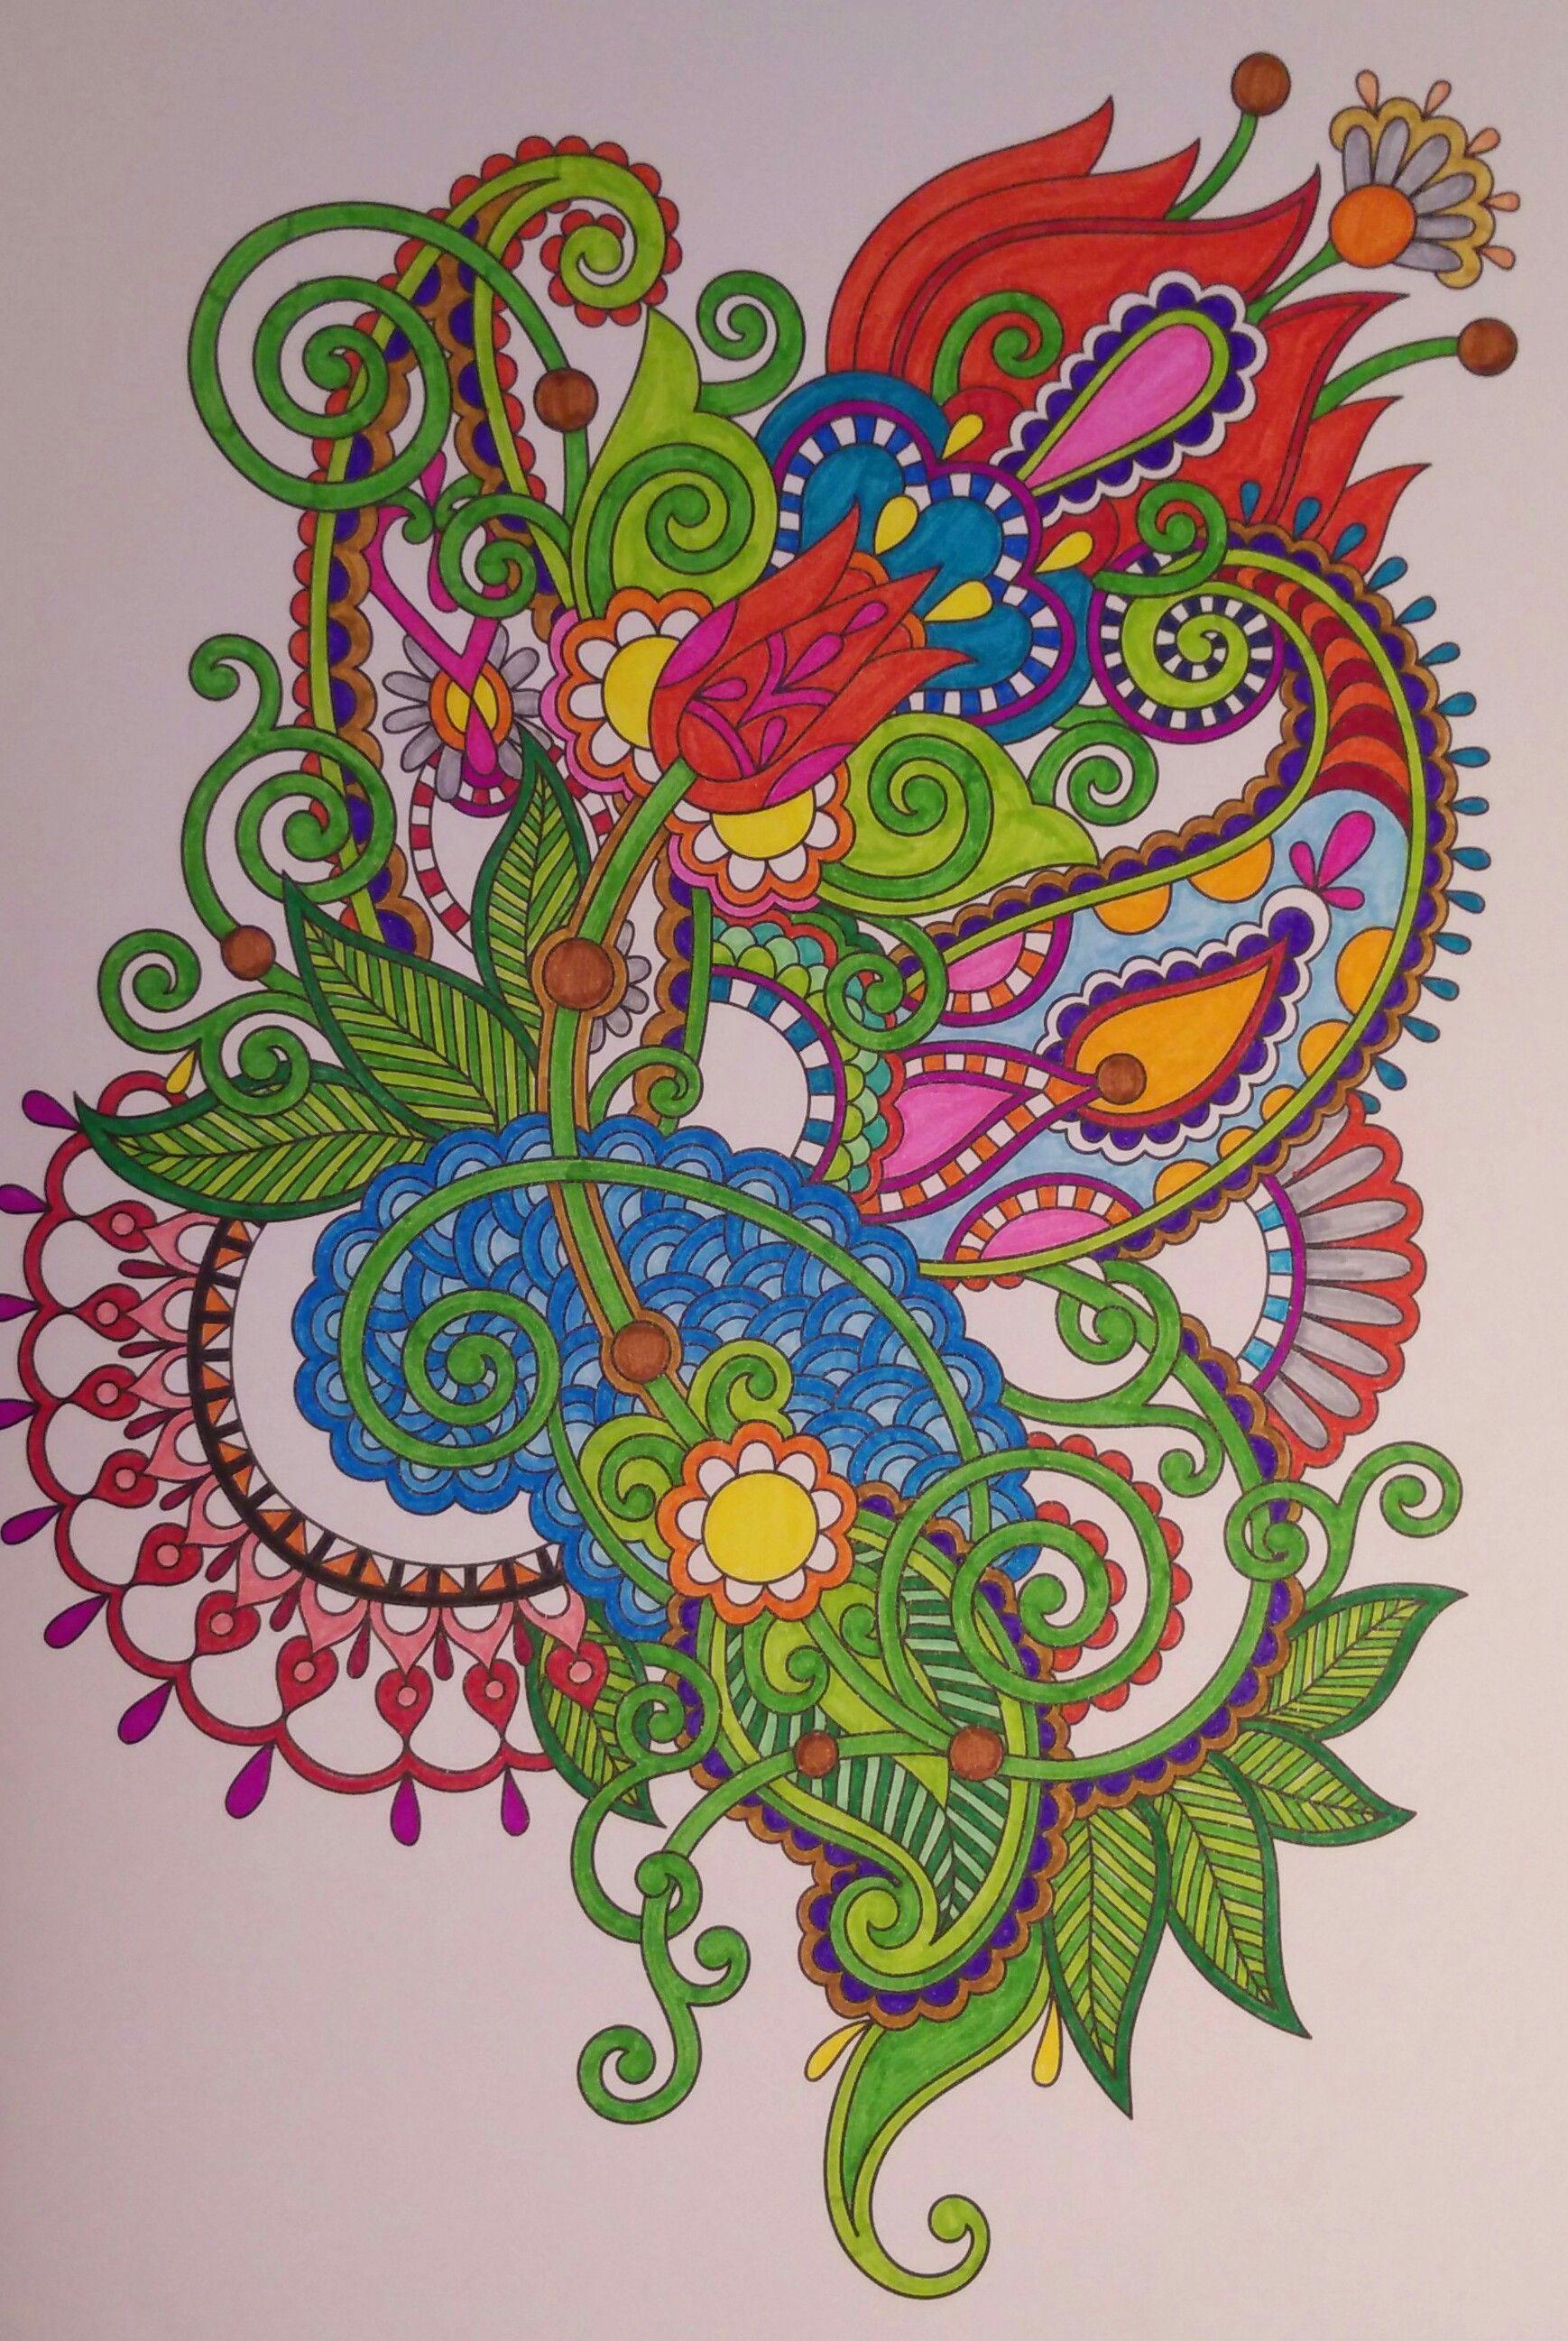 aus das kreative Malbuch für Erwachsene Nr. 2 | Adult Coloring ...